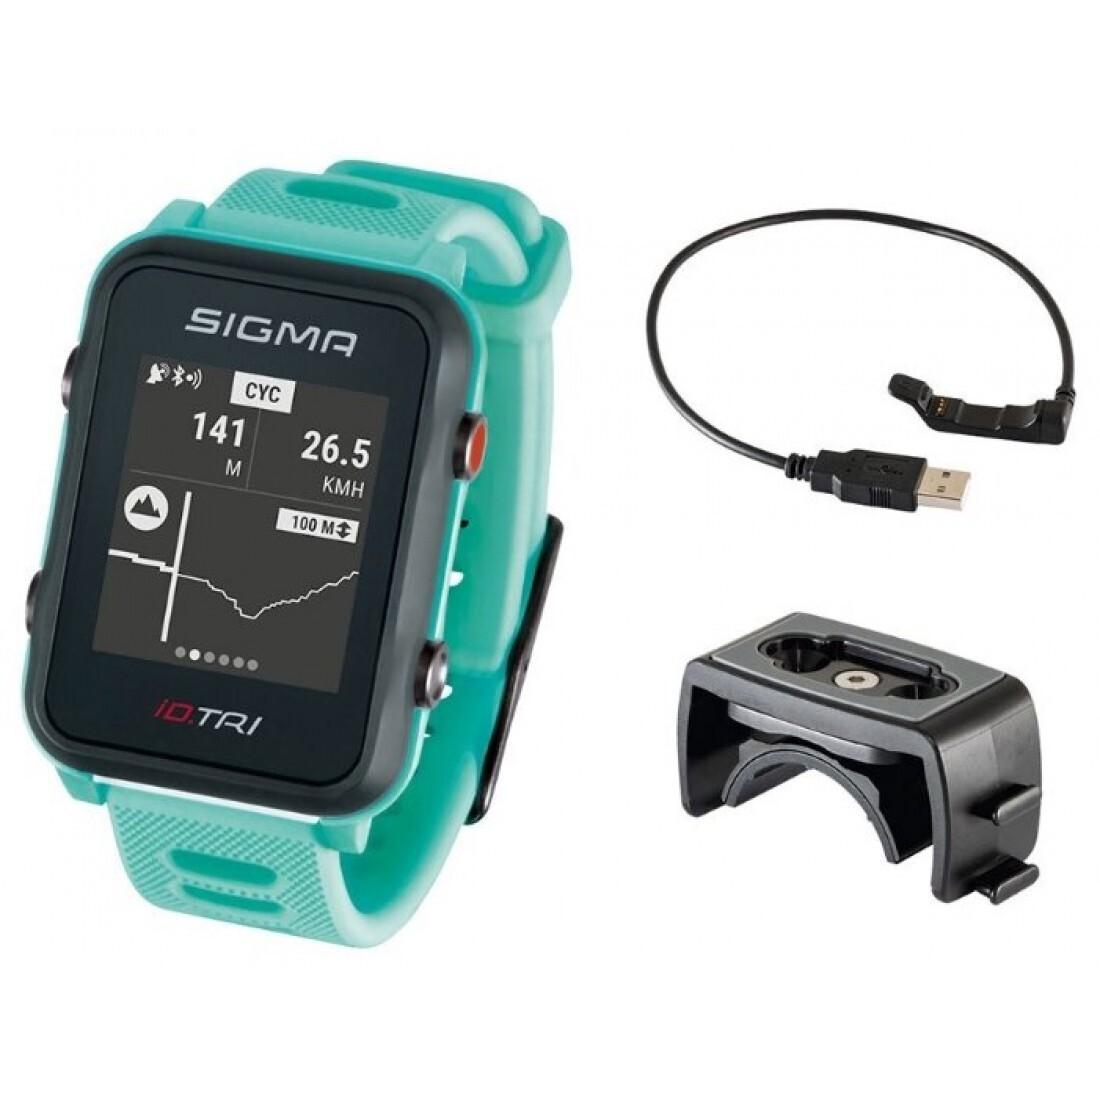 Мультиспортивные часы часы спортивные SIGMA ID.TRI NEON MINT BASIC 24210, светл. зелен., часы c GPS, встроенный пульсомер, для триатлона